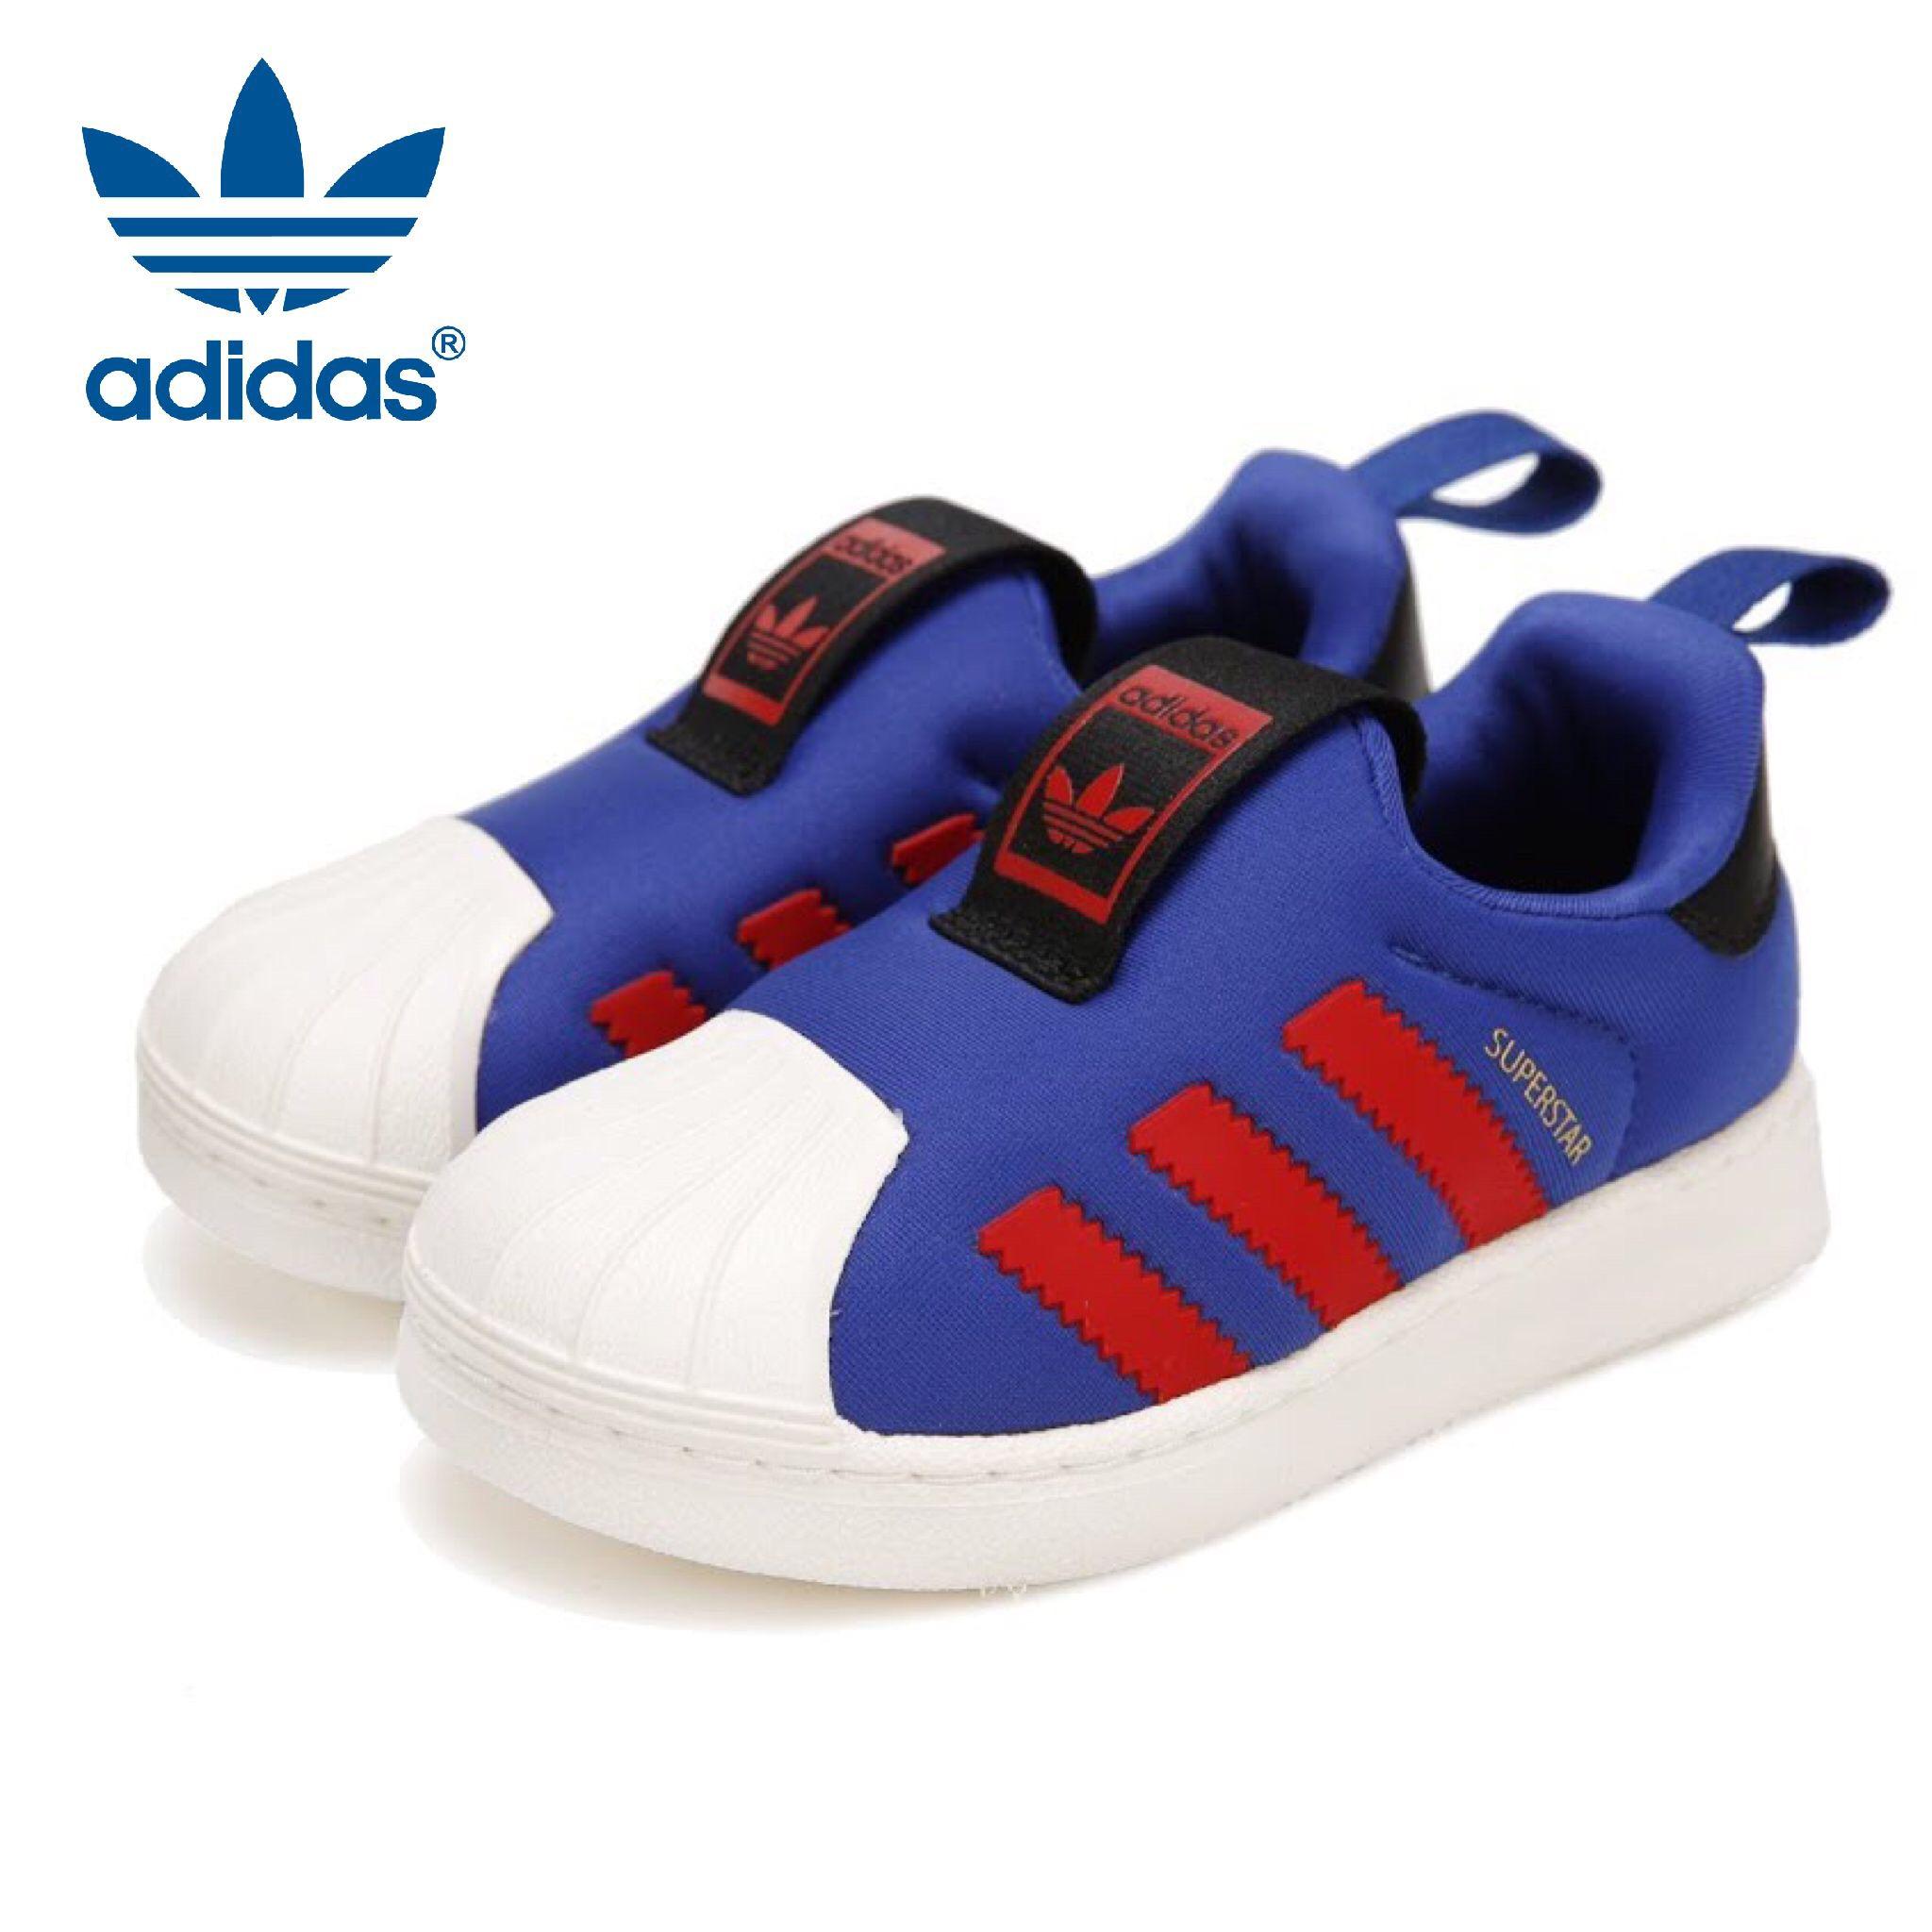 รองเท้าสำหรับเด็ก Adidas Superstar 360 I (Core Blue/Footwear Red)